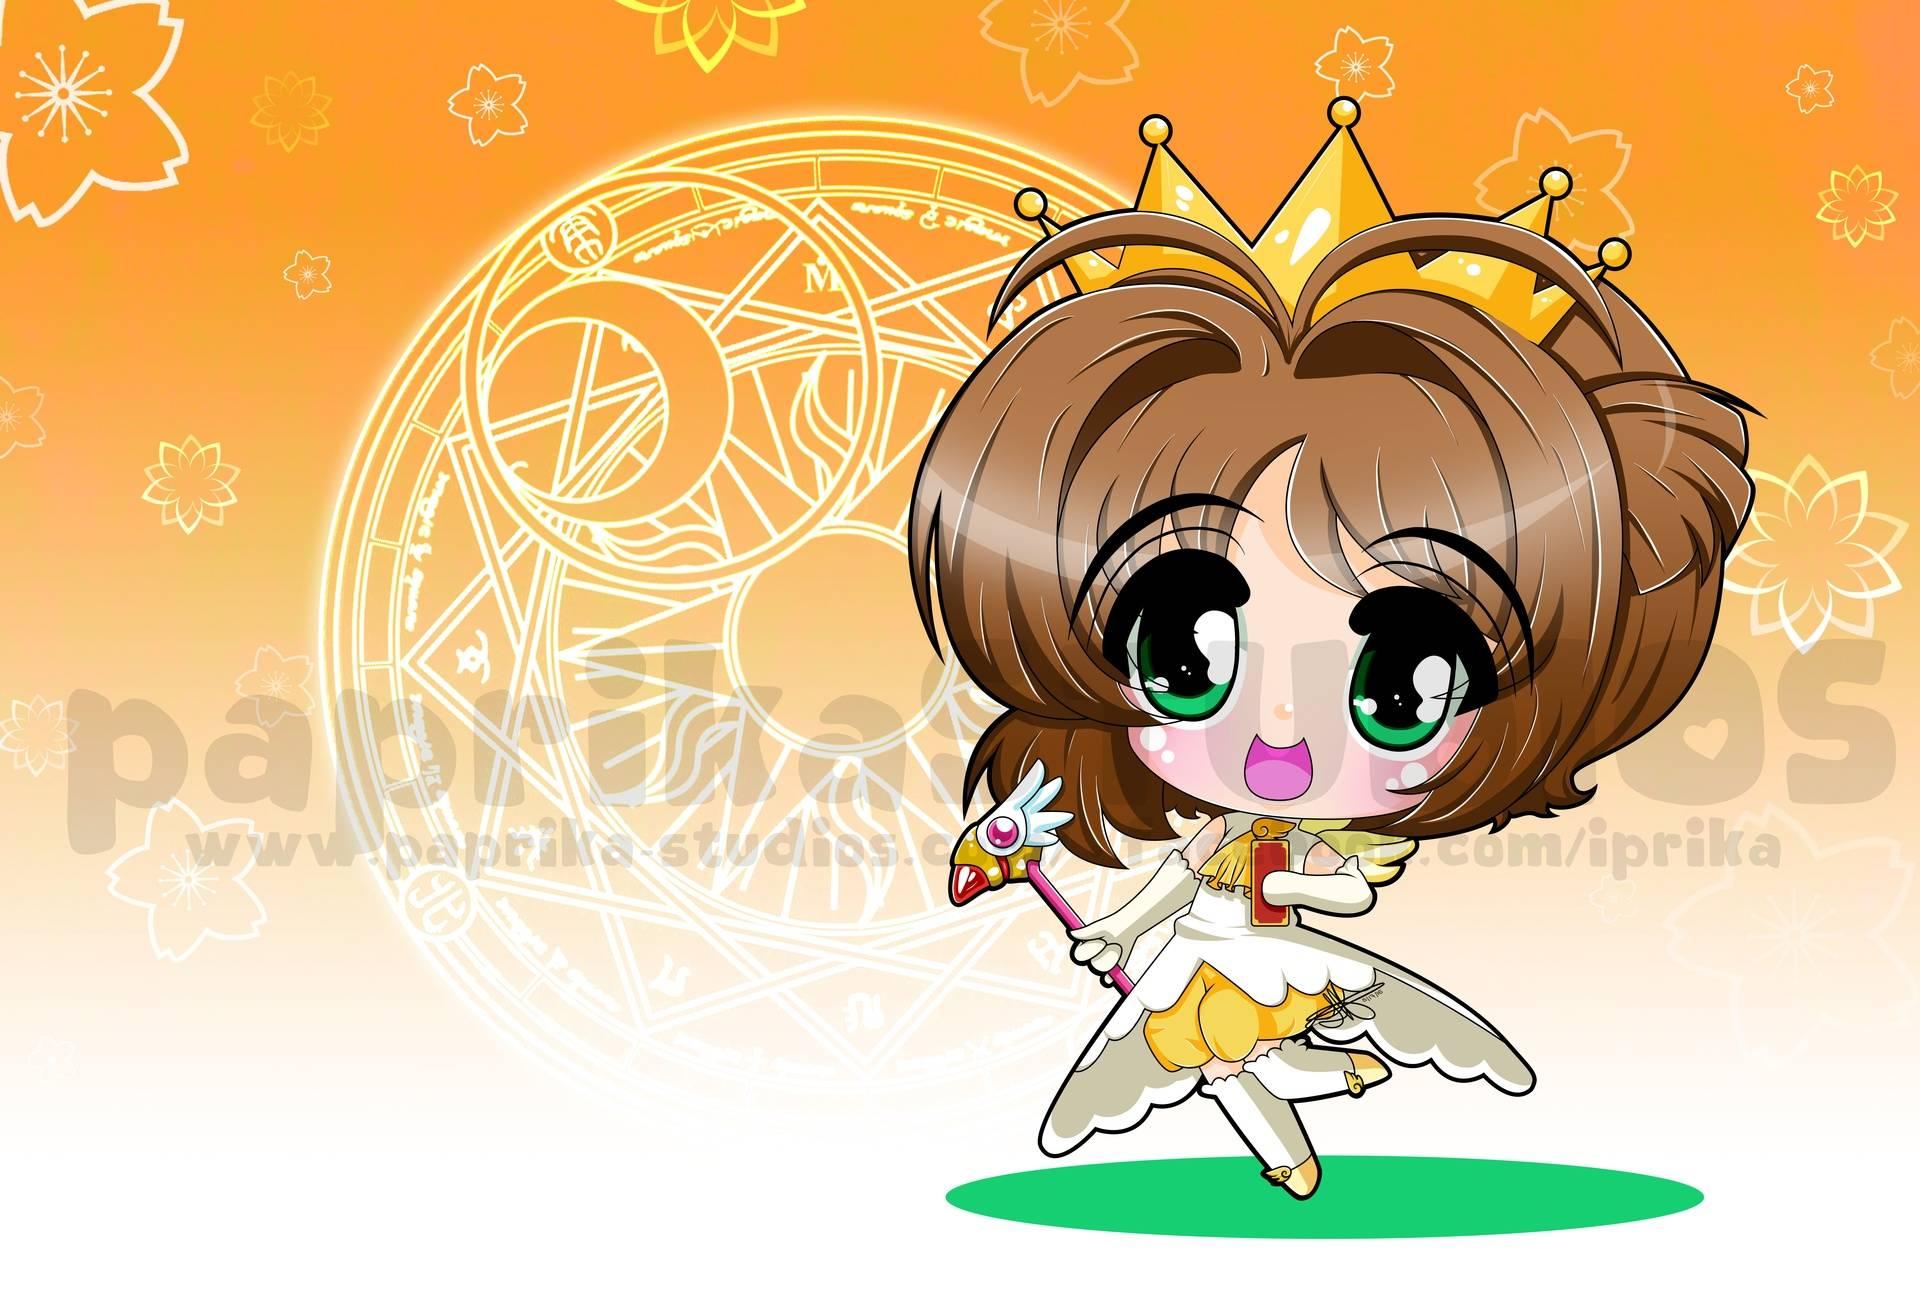 Chibi Cardcaptor Sakura